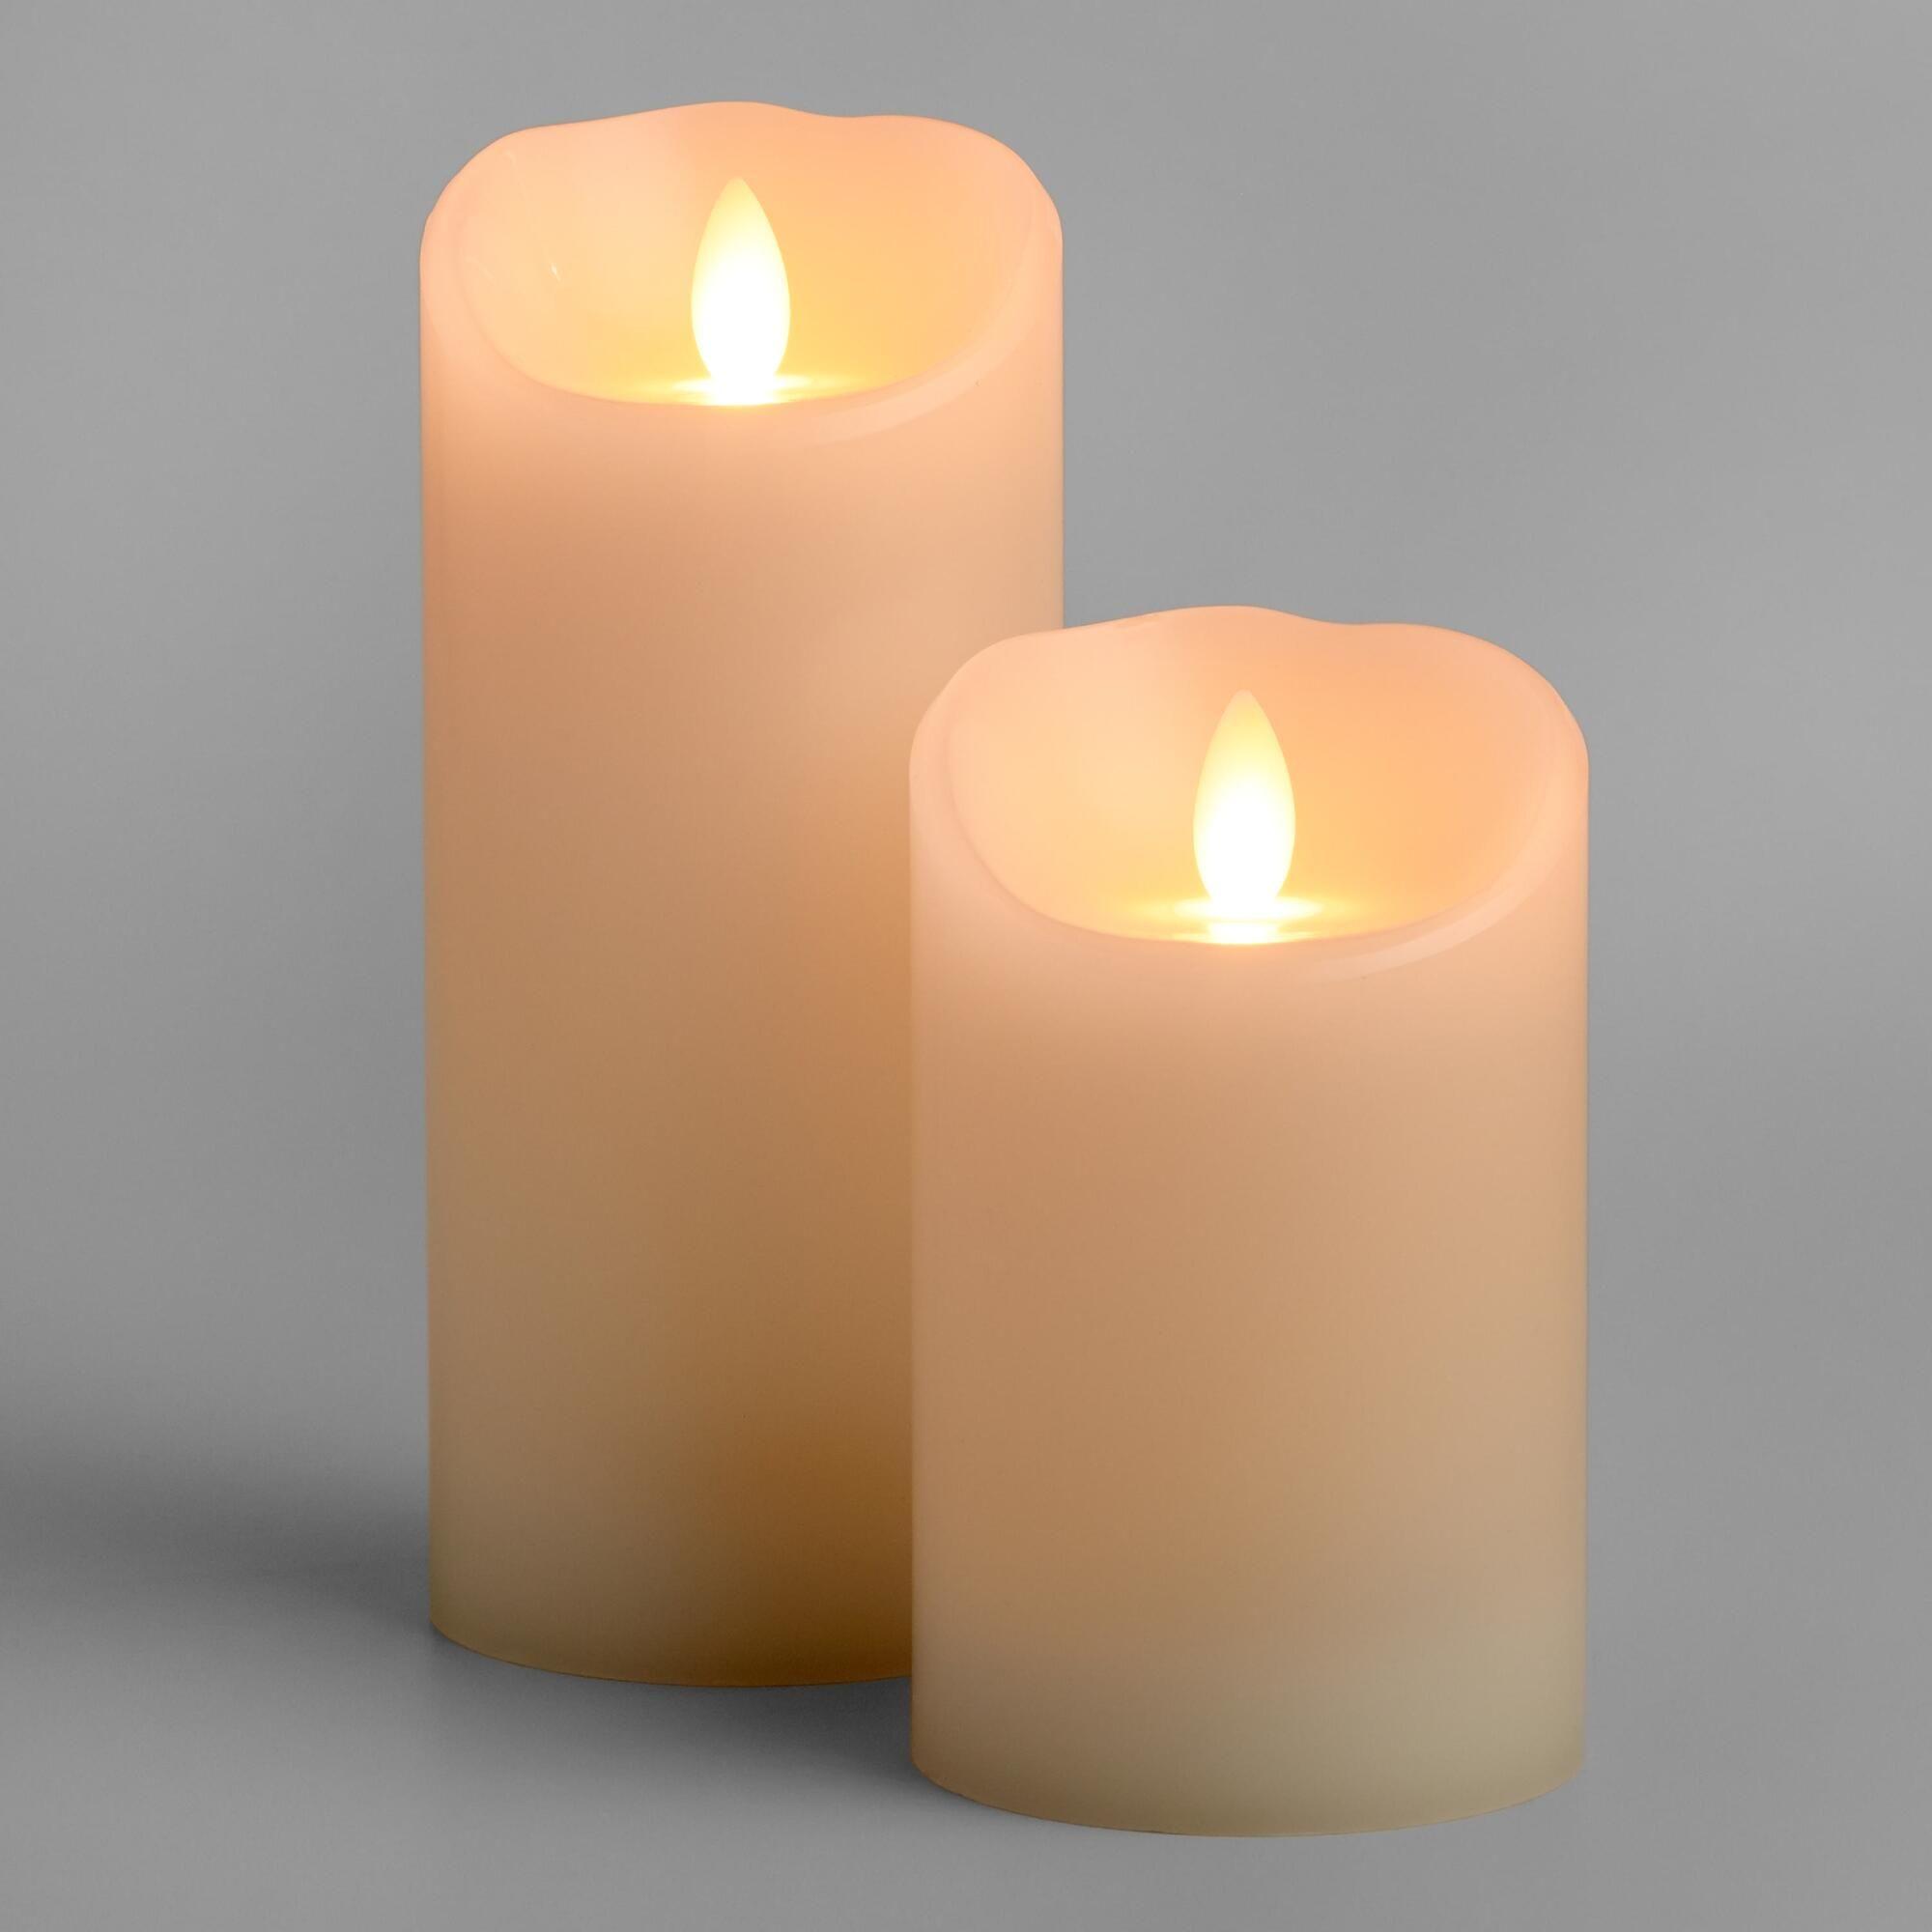 Iflicker Elite Flameless Led Candle Flameless Led Candles Led